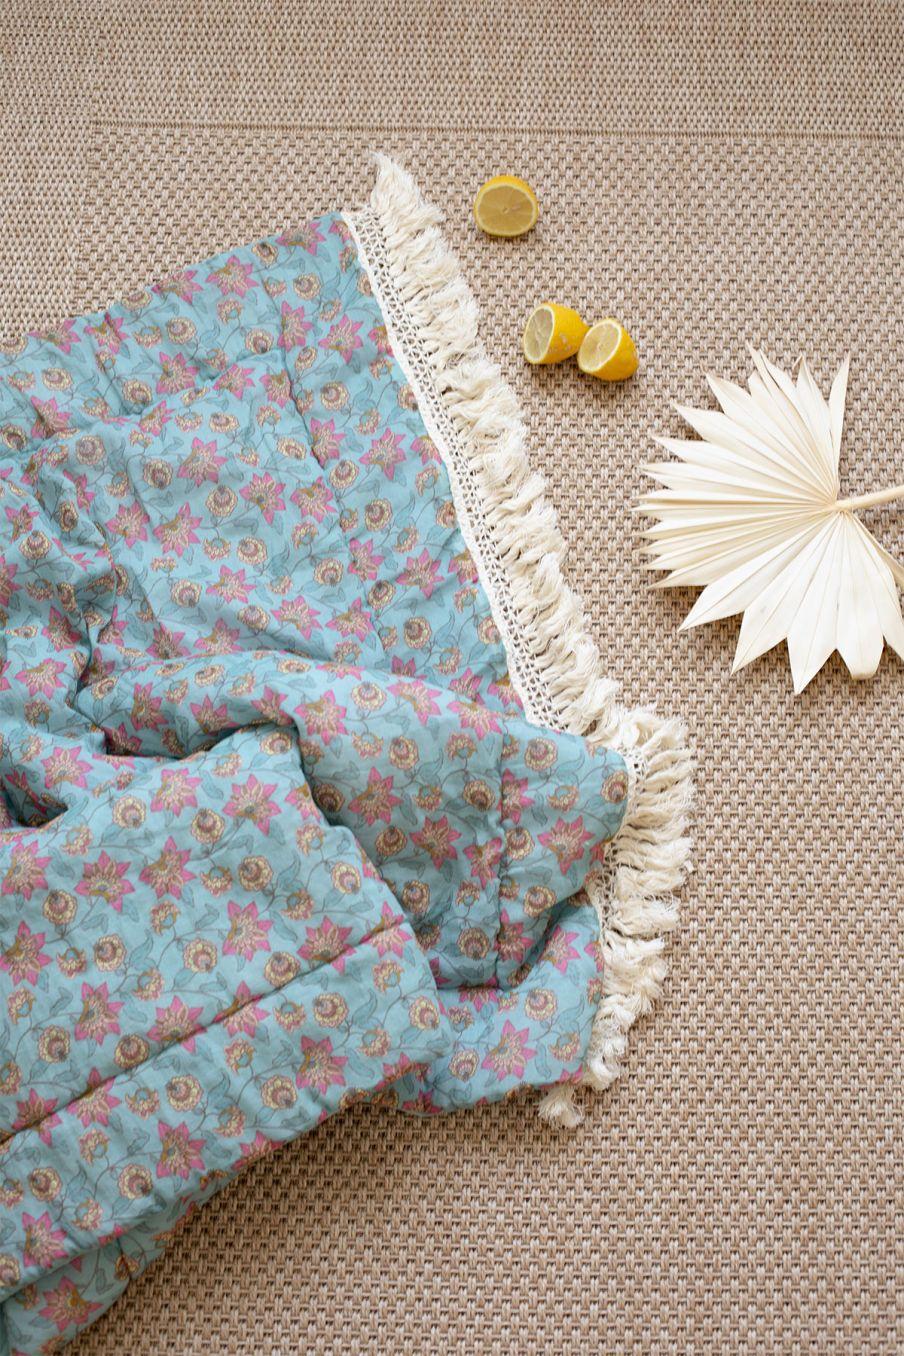 boheme chic vintage large plaid maison noha turquoise flowers